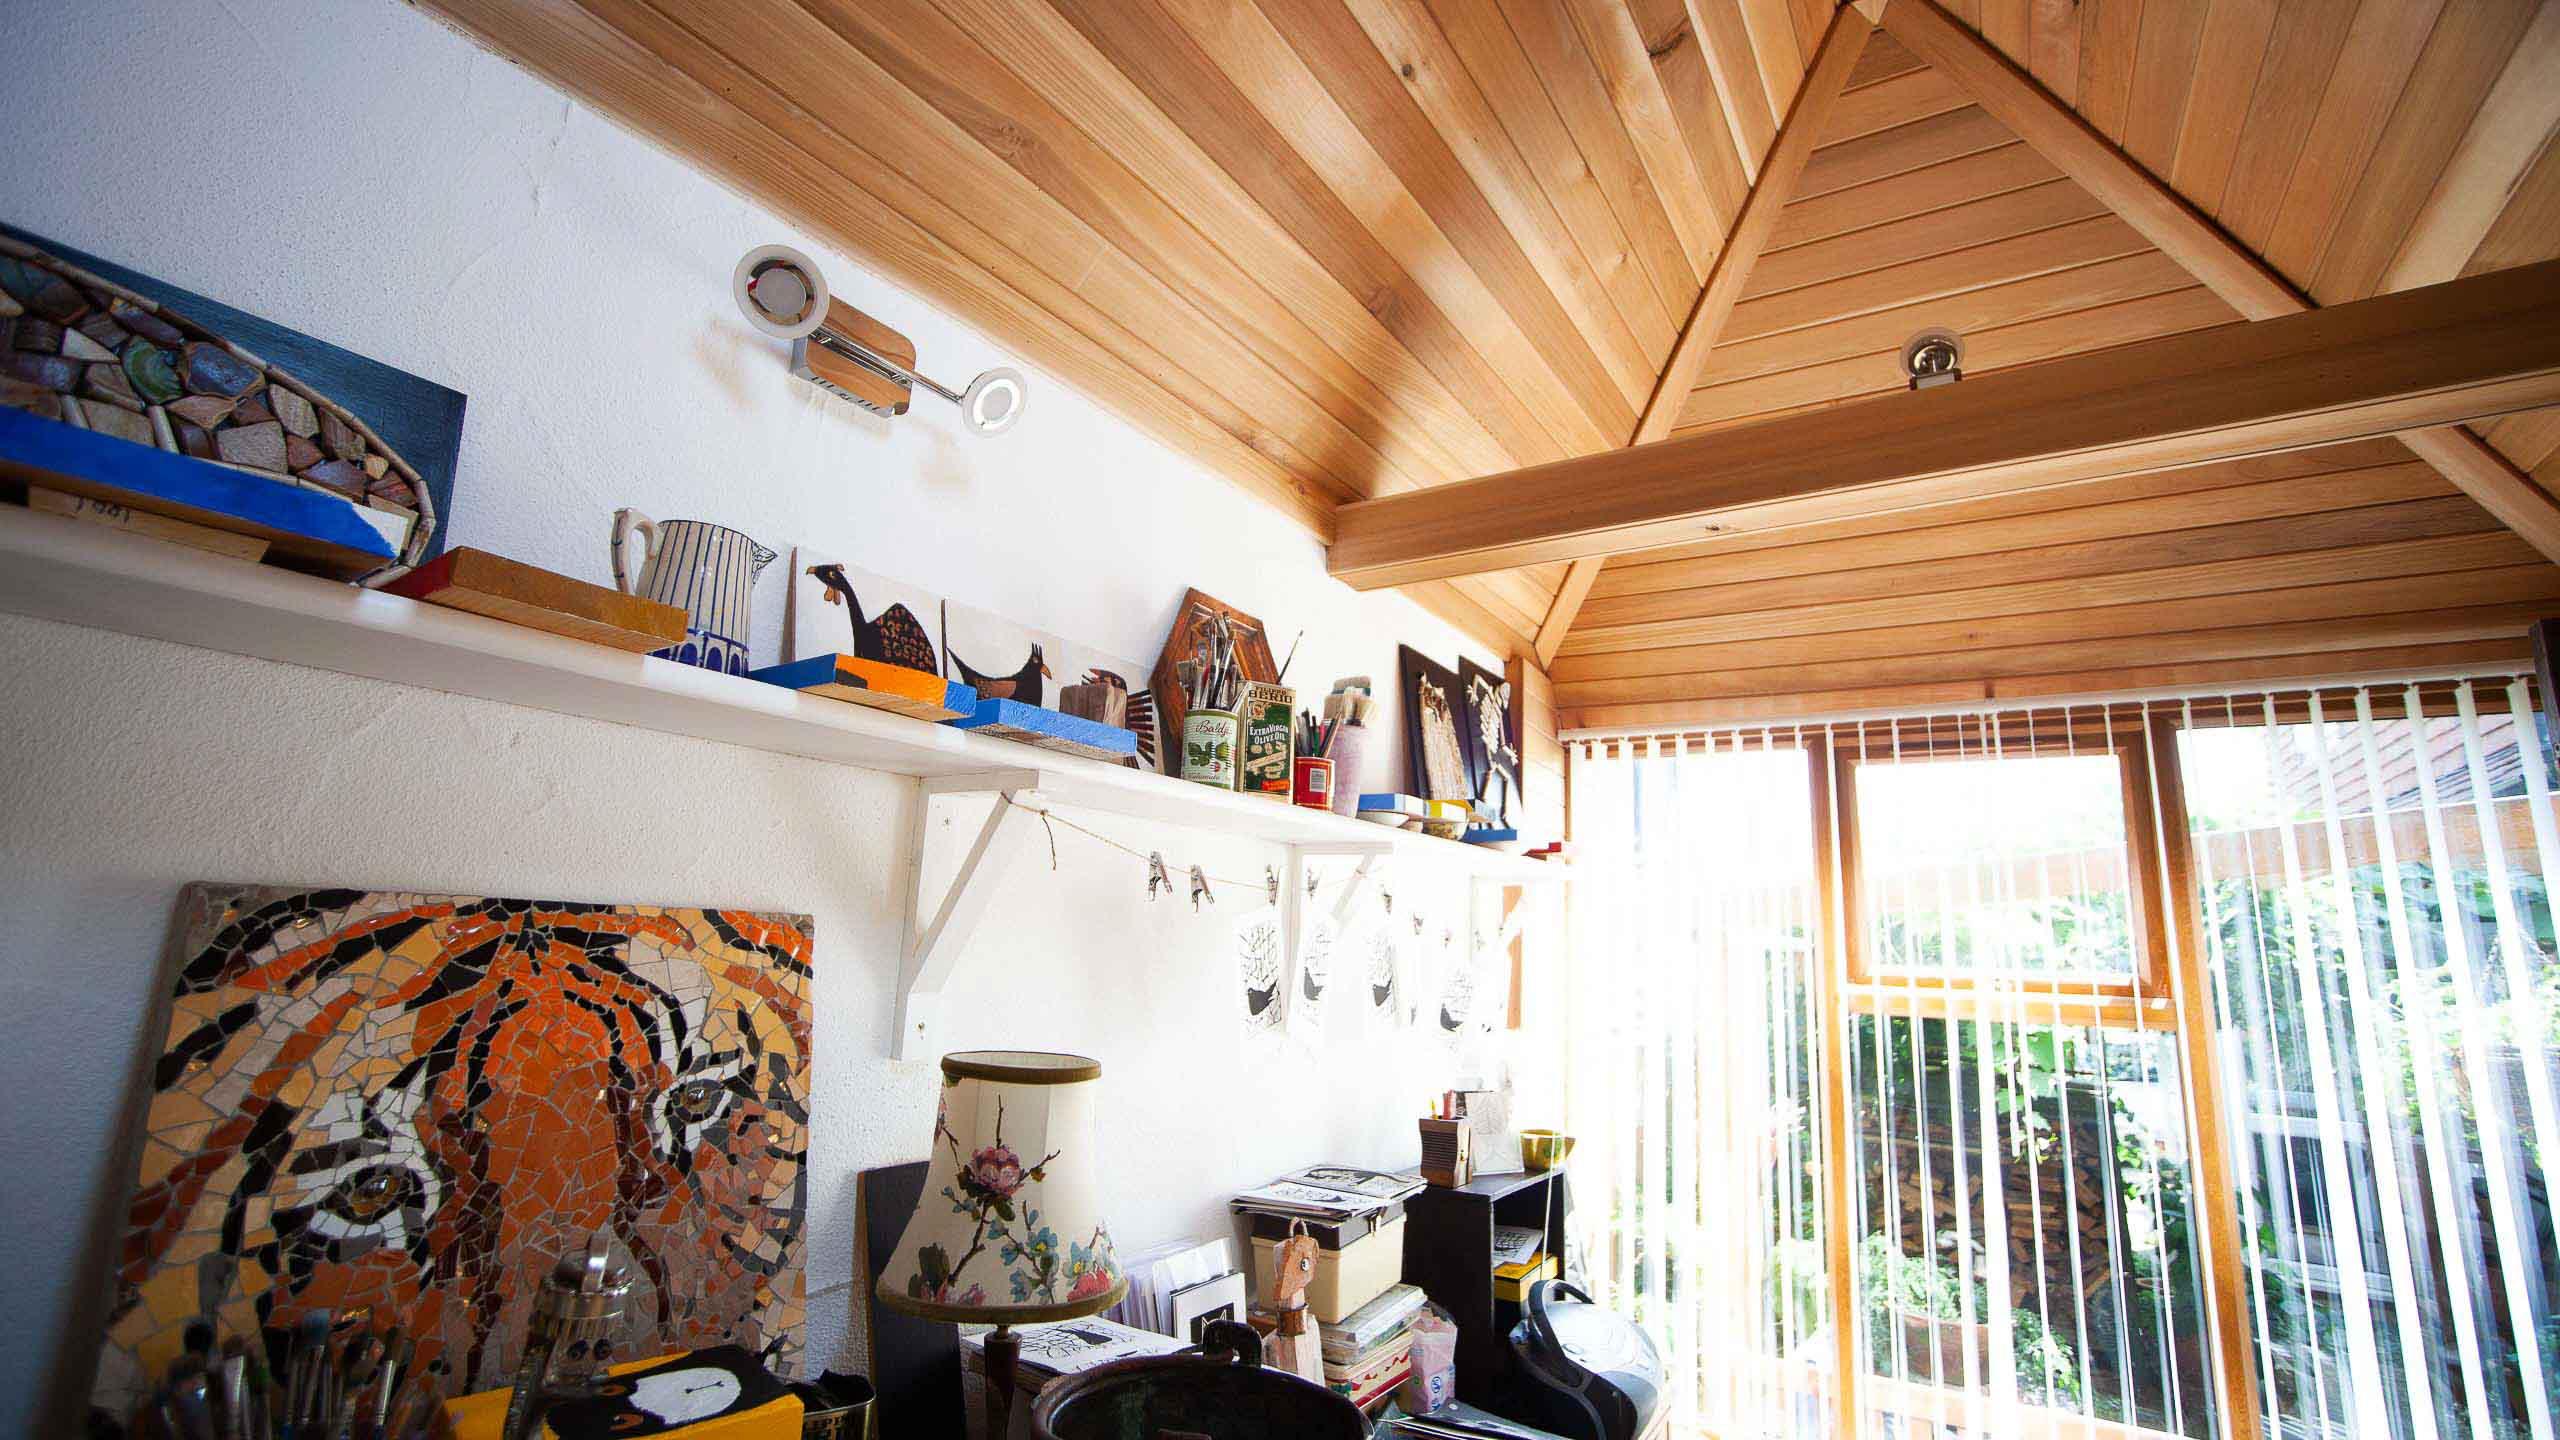 garden room ceiling in wood - building work by RJ Steele builders in Sussex